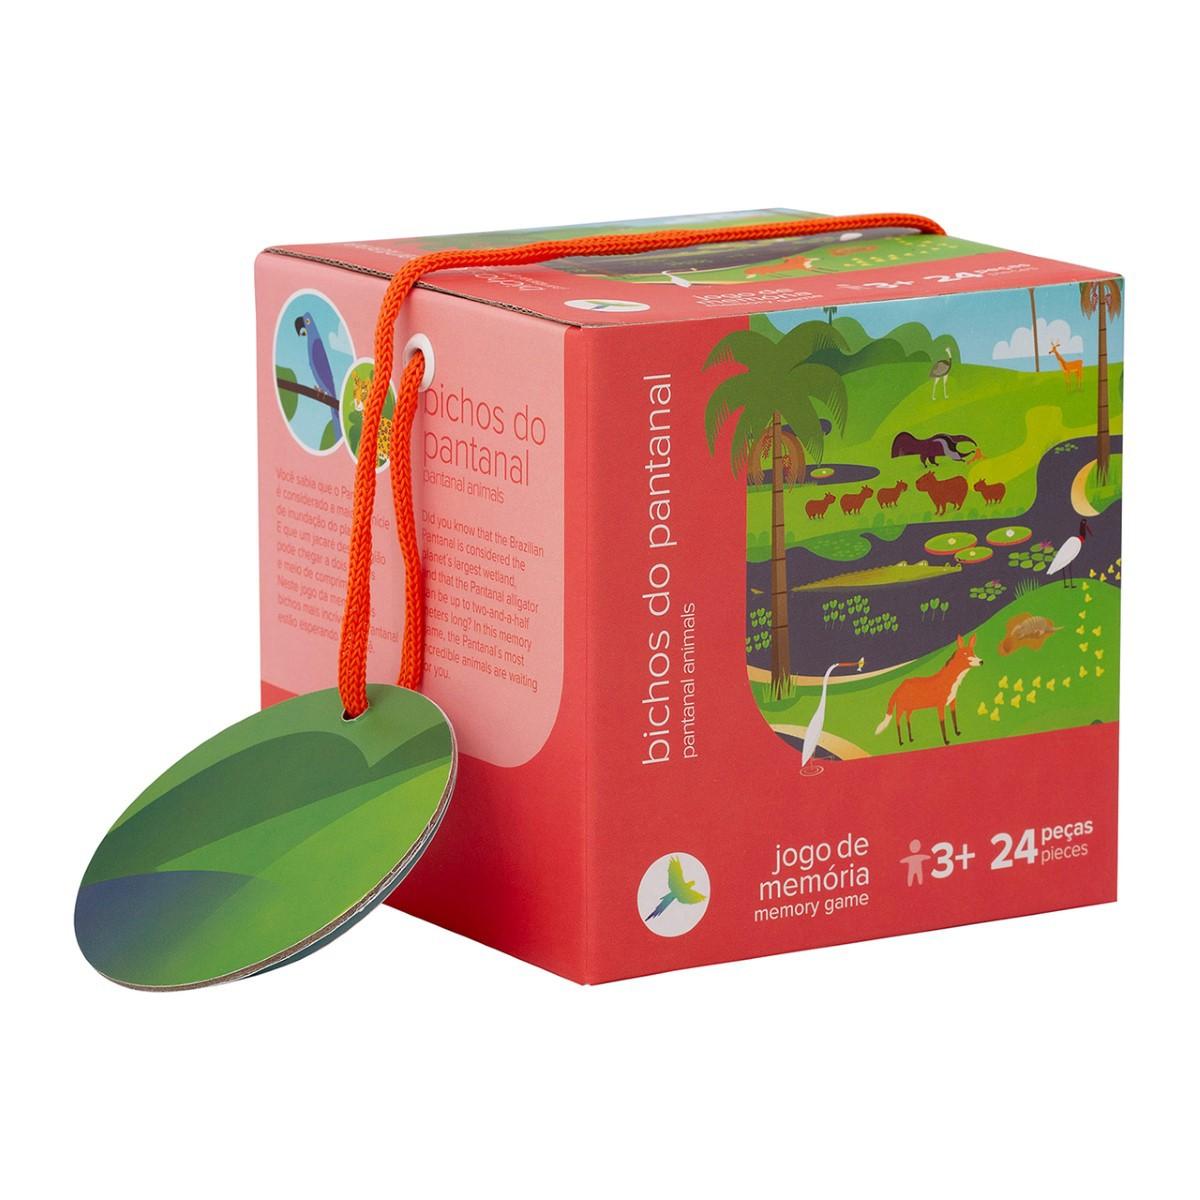 Jogo da Memória - Bichos do Pantanal